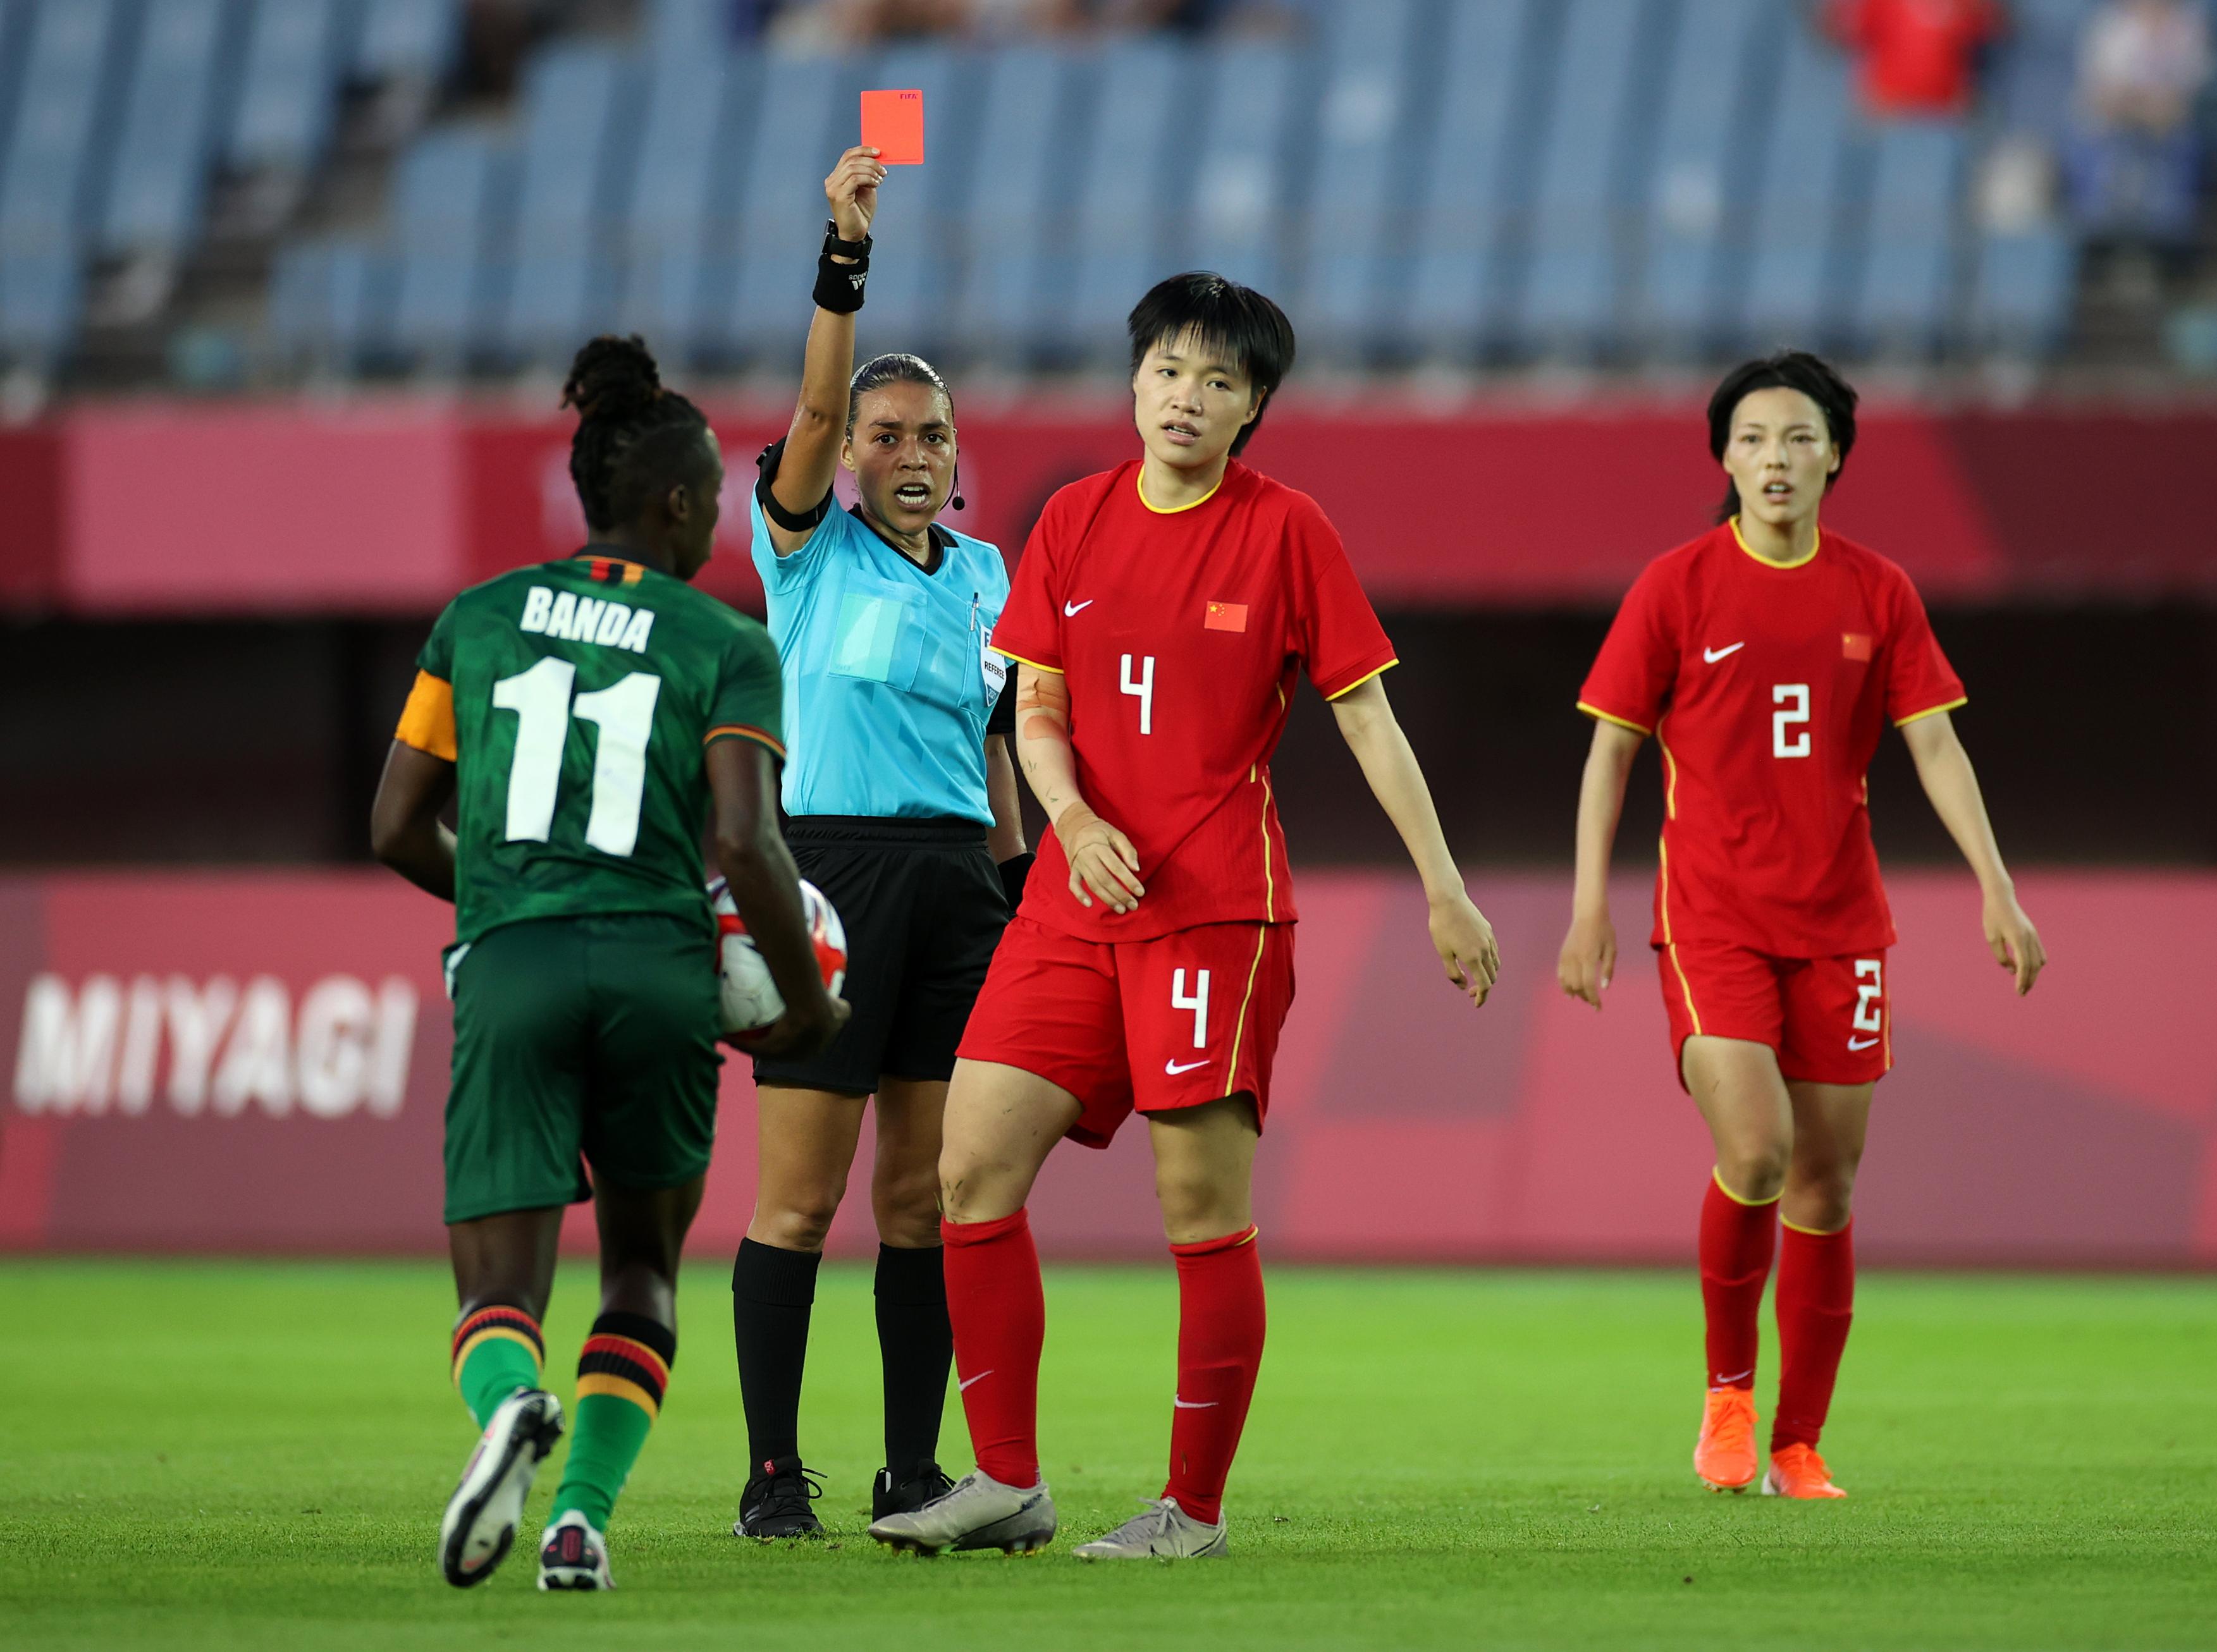 李晴潼被红牌罚下。